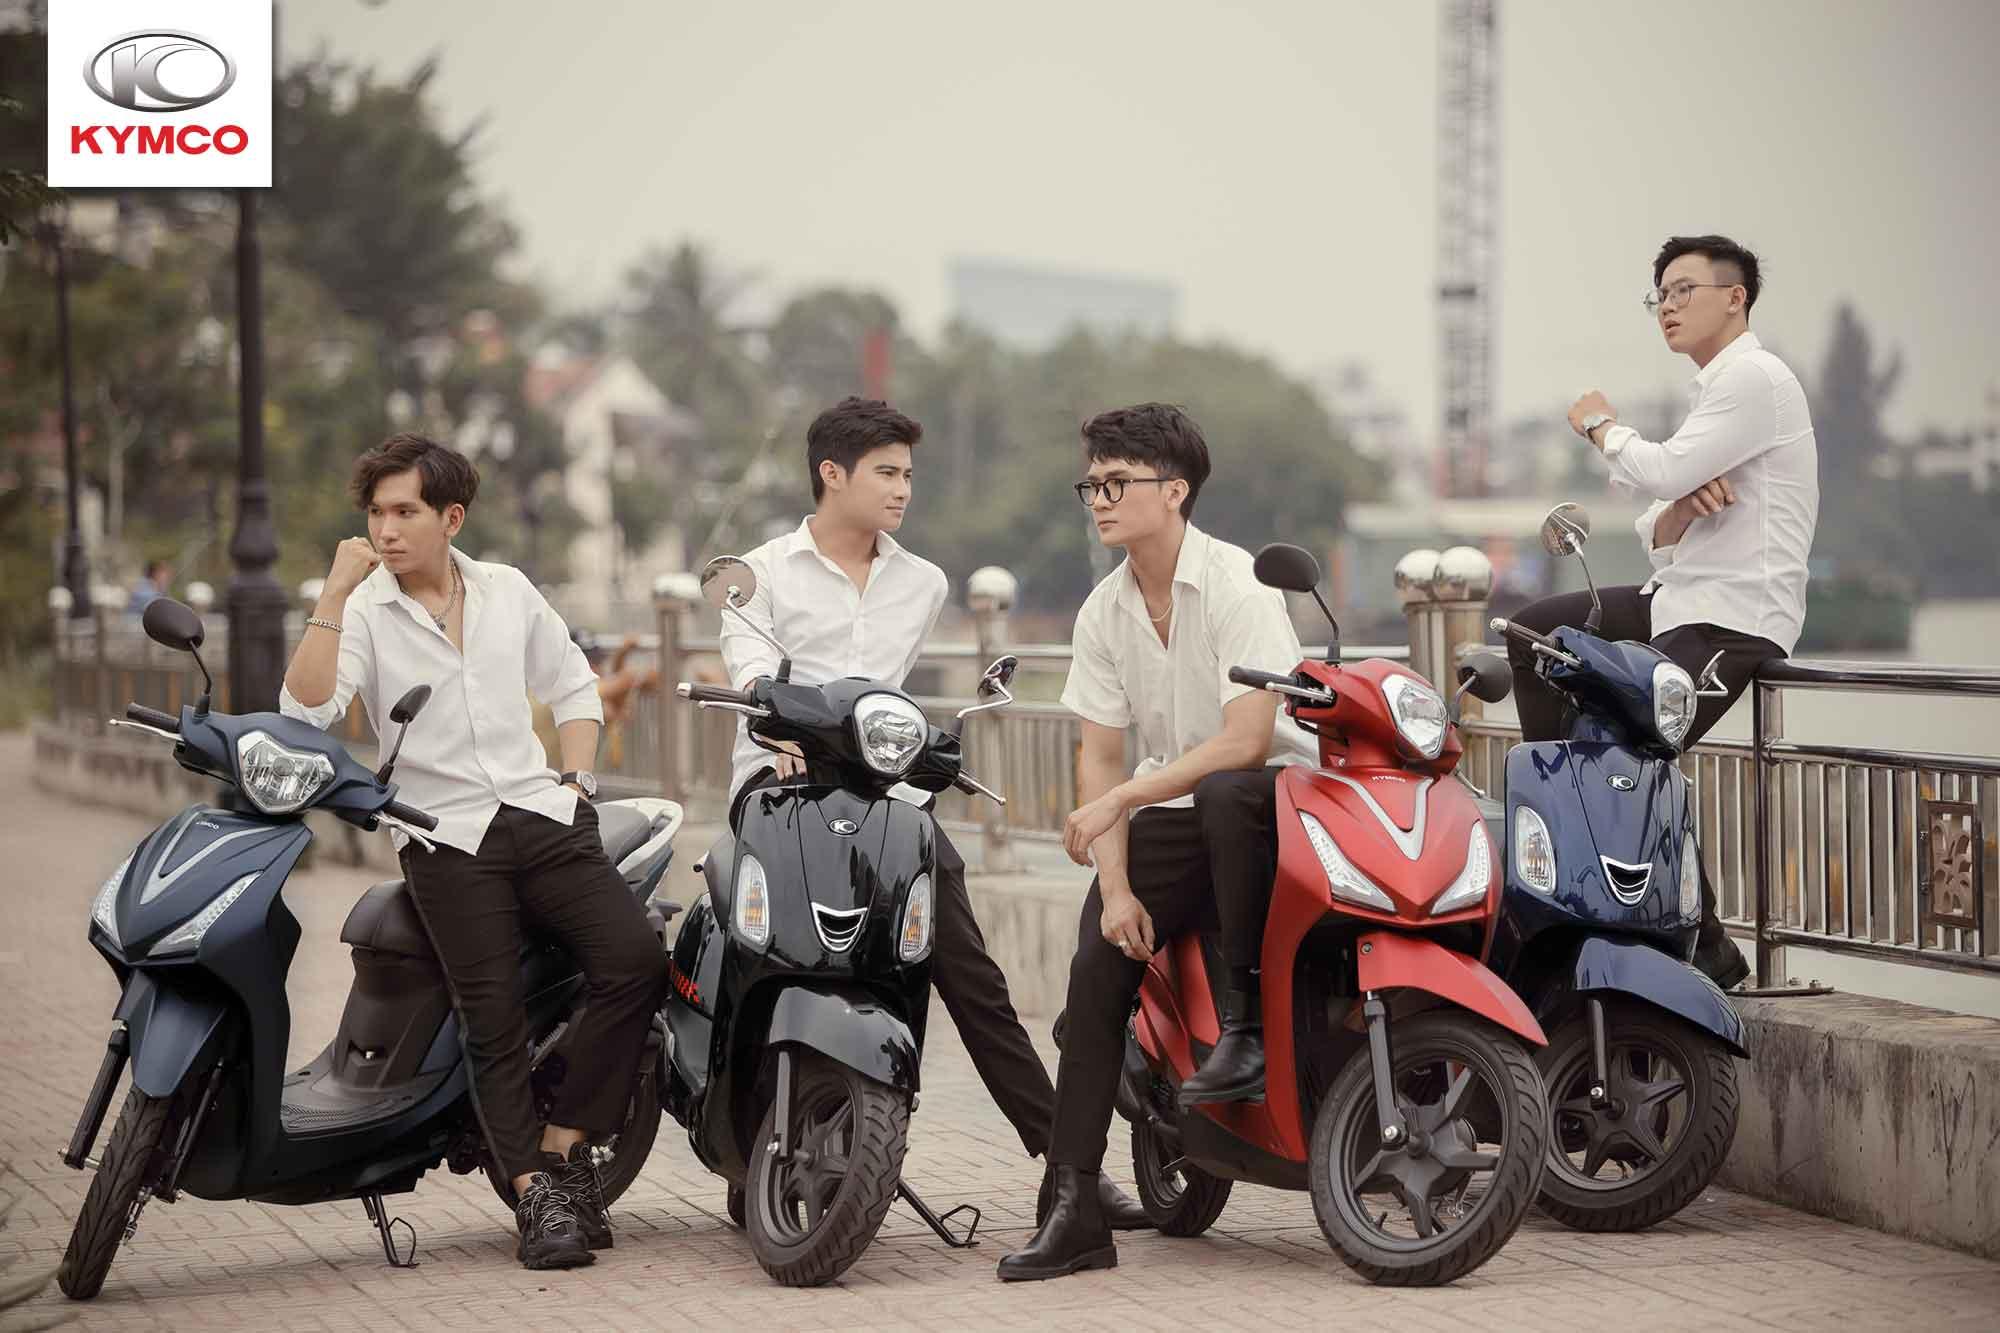 KYMCO luôn tự hào là nhà phân phối xe ga 50cc với chất lượng hàng đầu Việt Nam